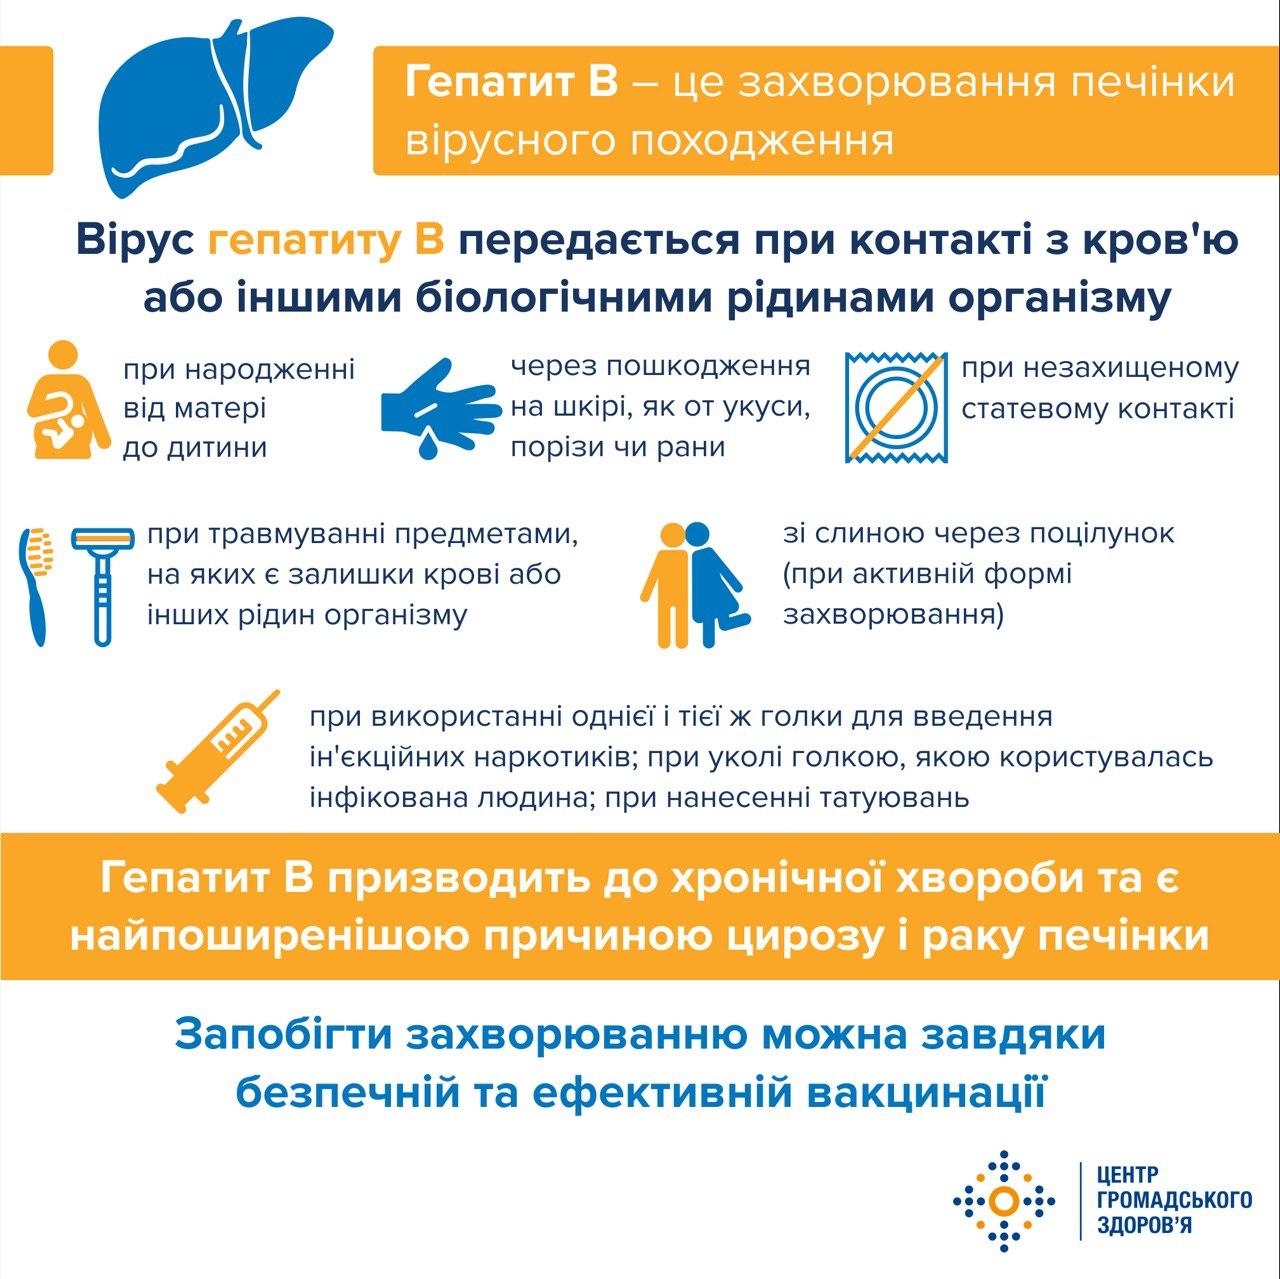 Жители Украины массово болеют гепатитом - фото 2